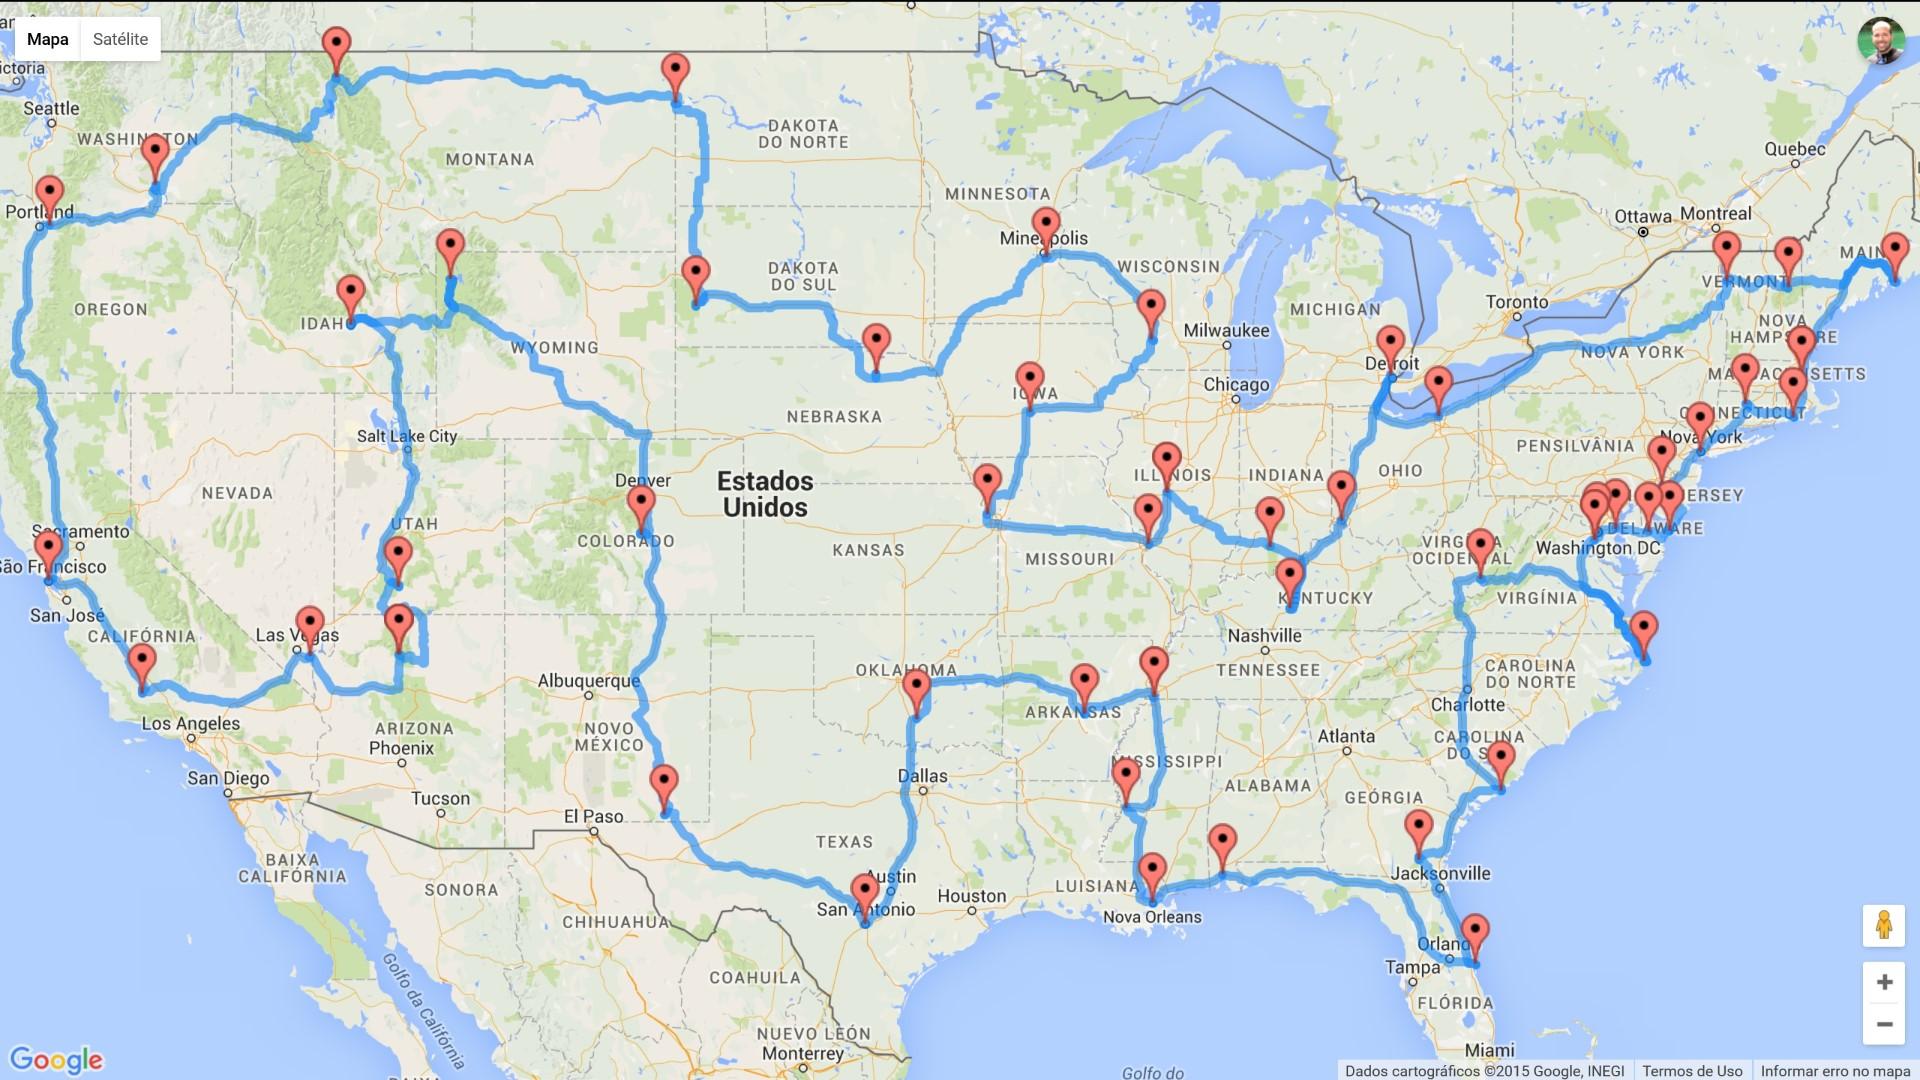 Rota perfeita para uma Roadtrip nos EUA